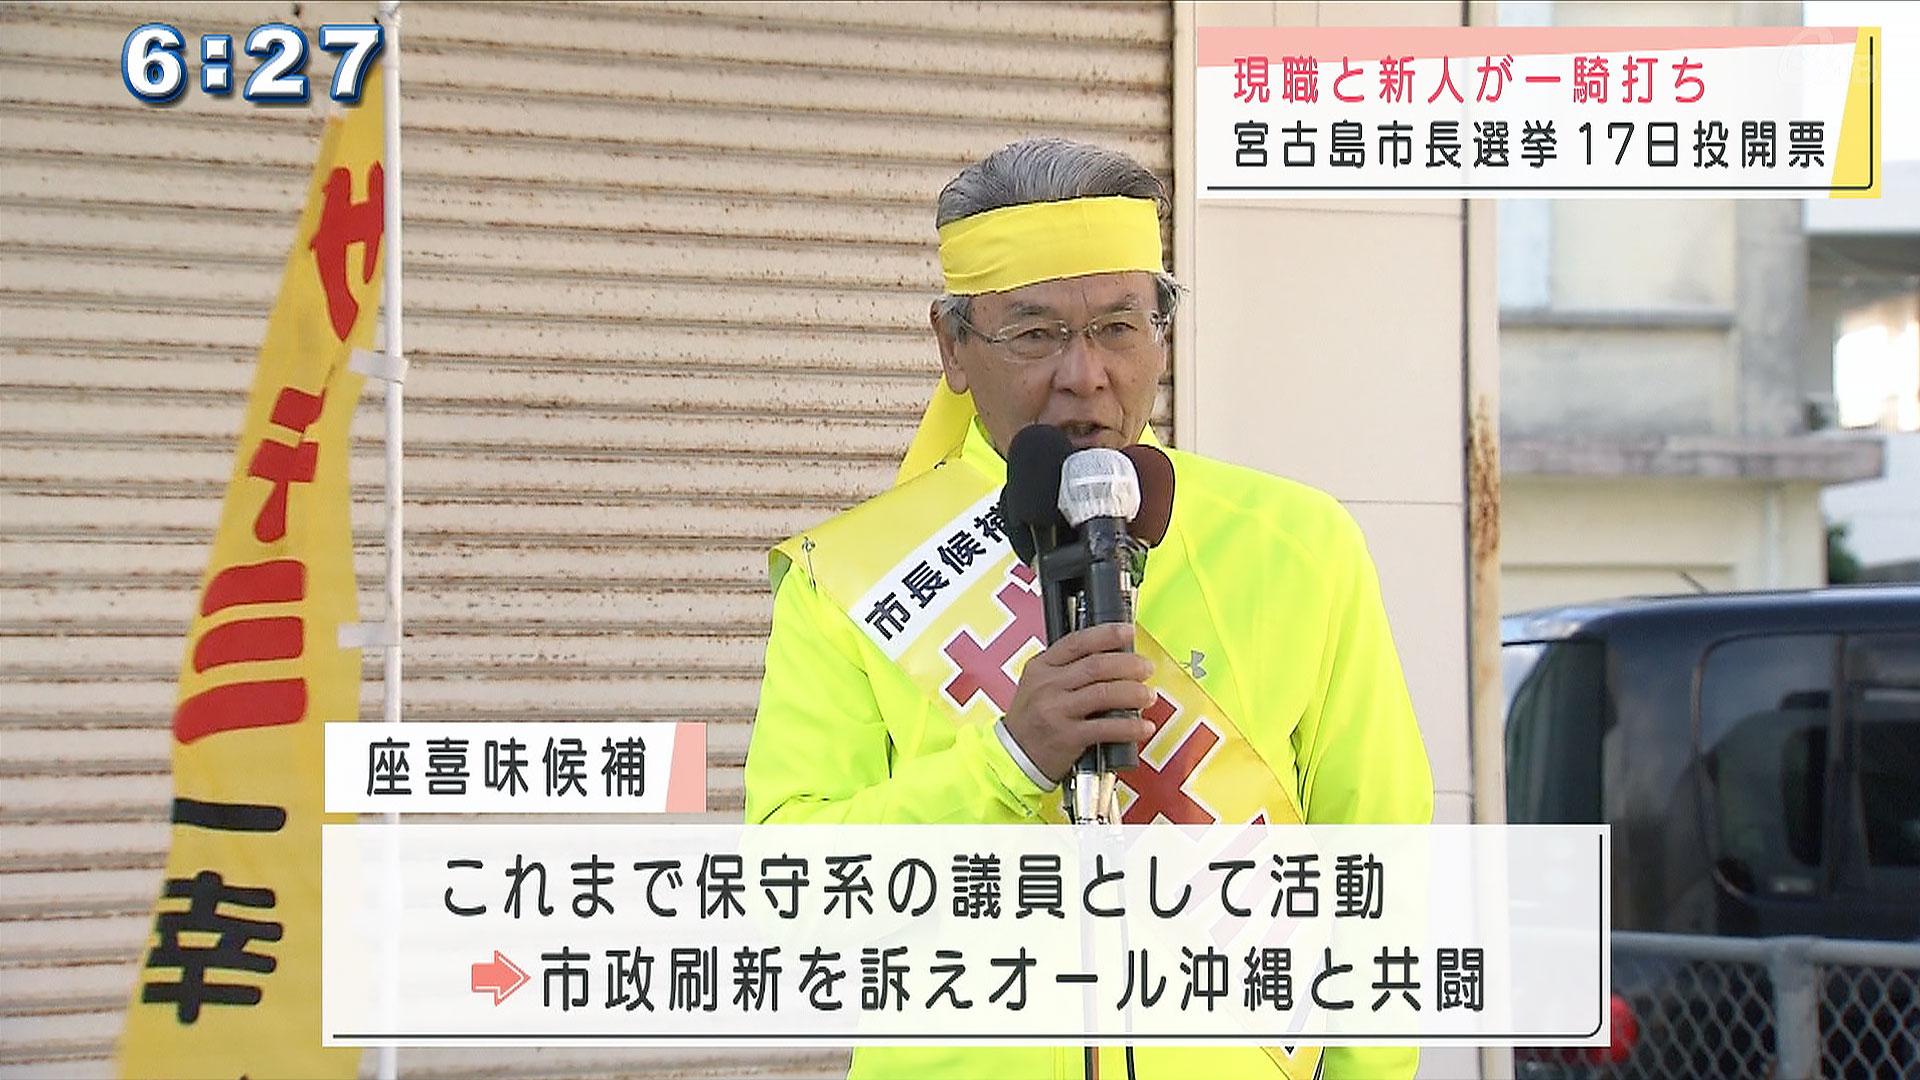 現・新 一騎打ち 宮古島市長選挙